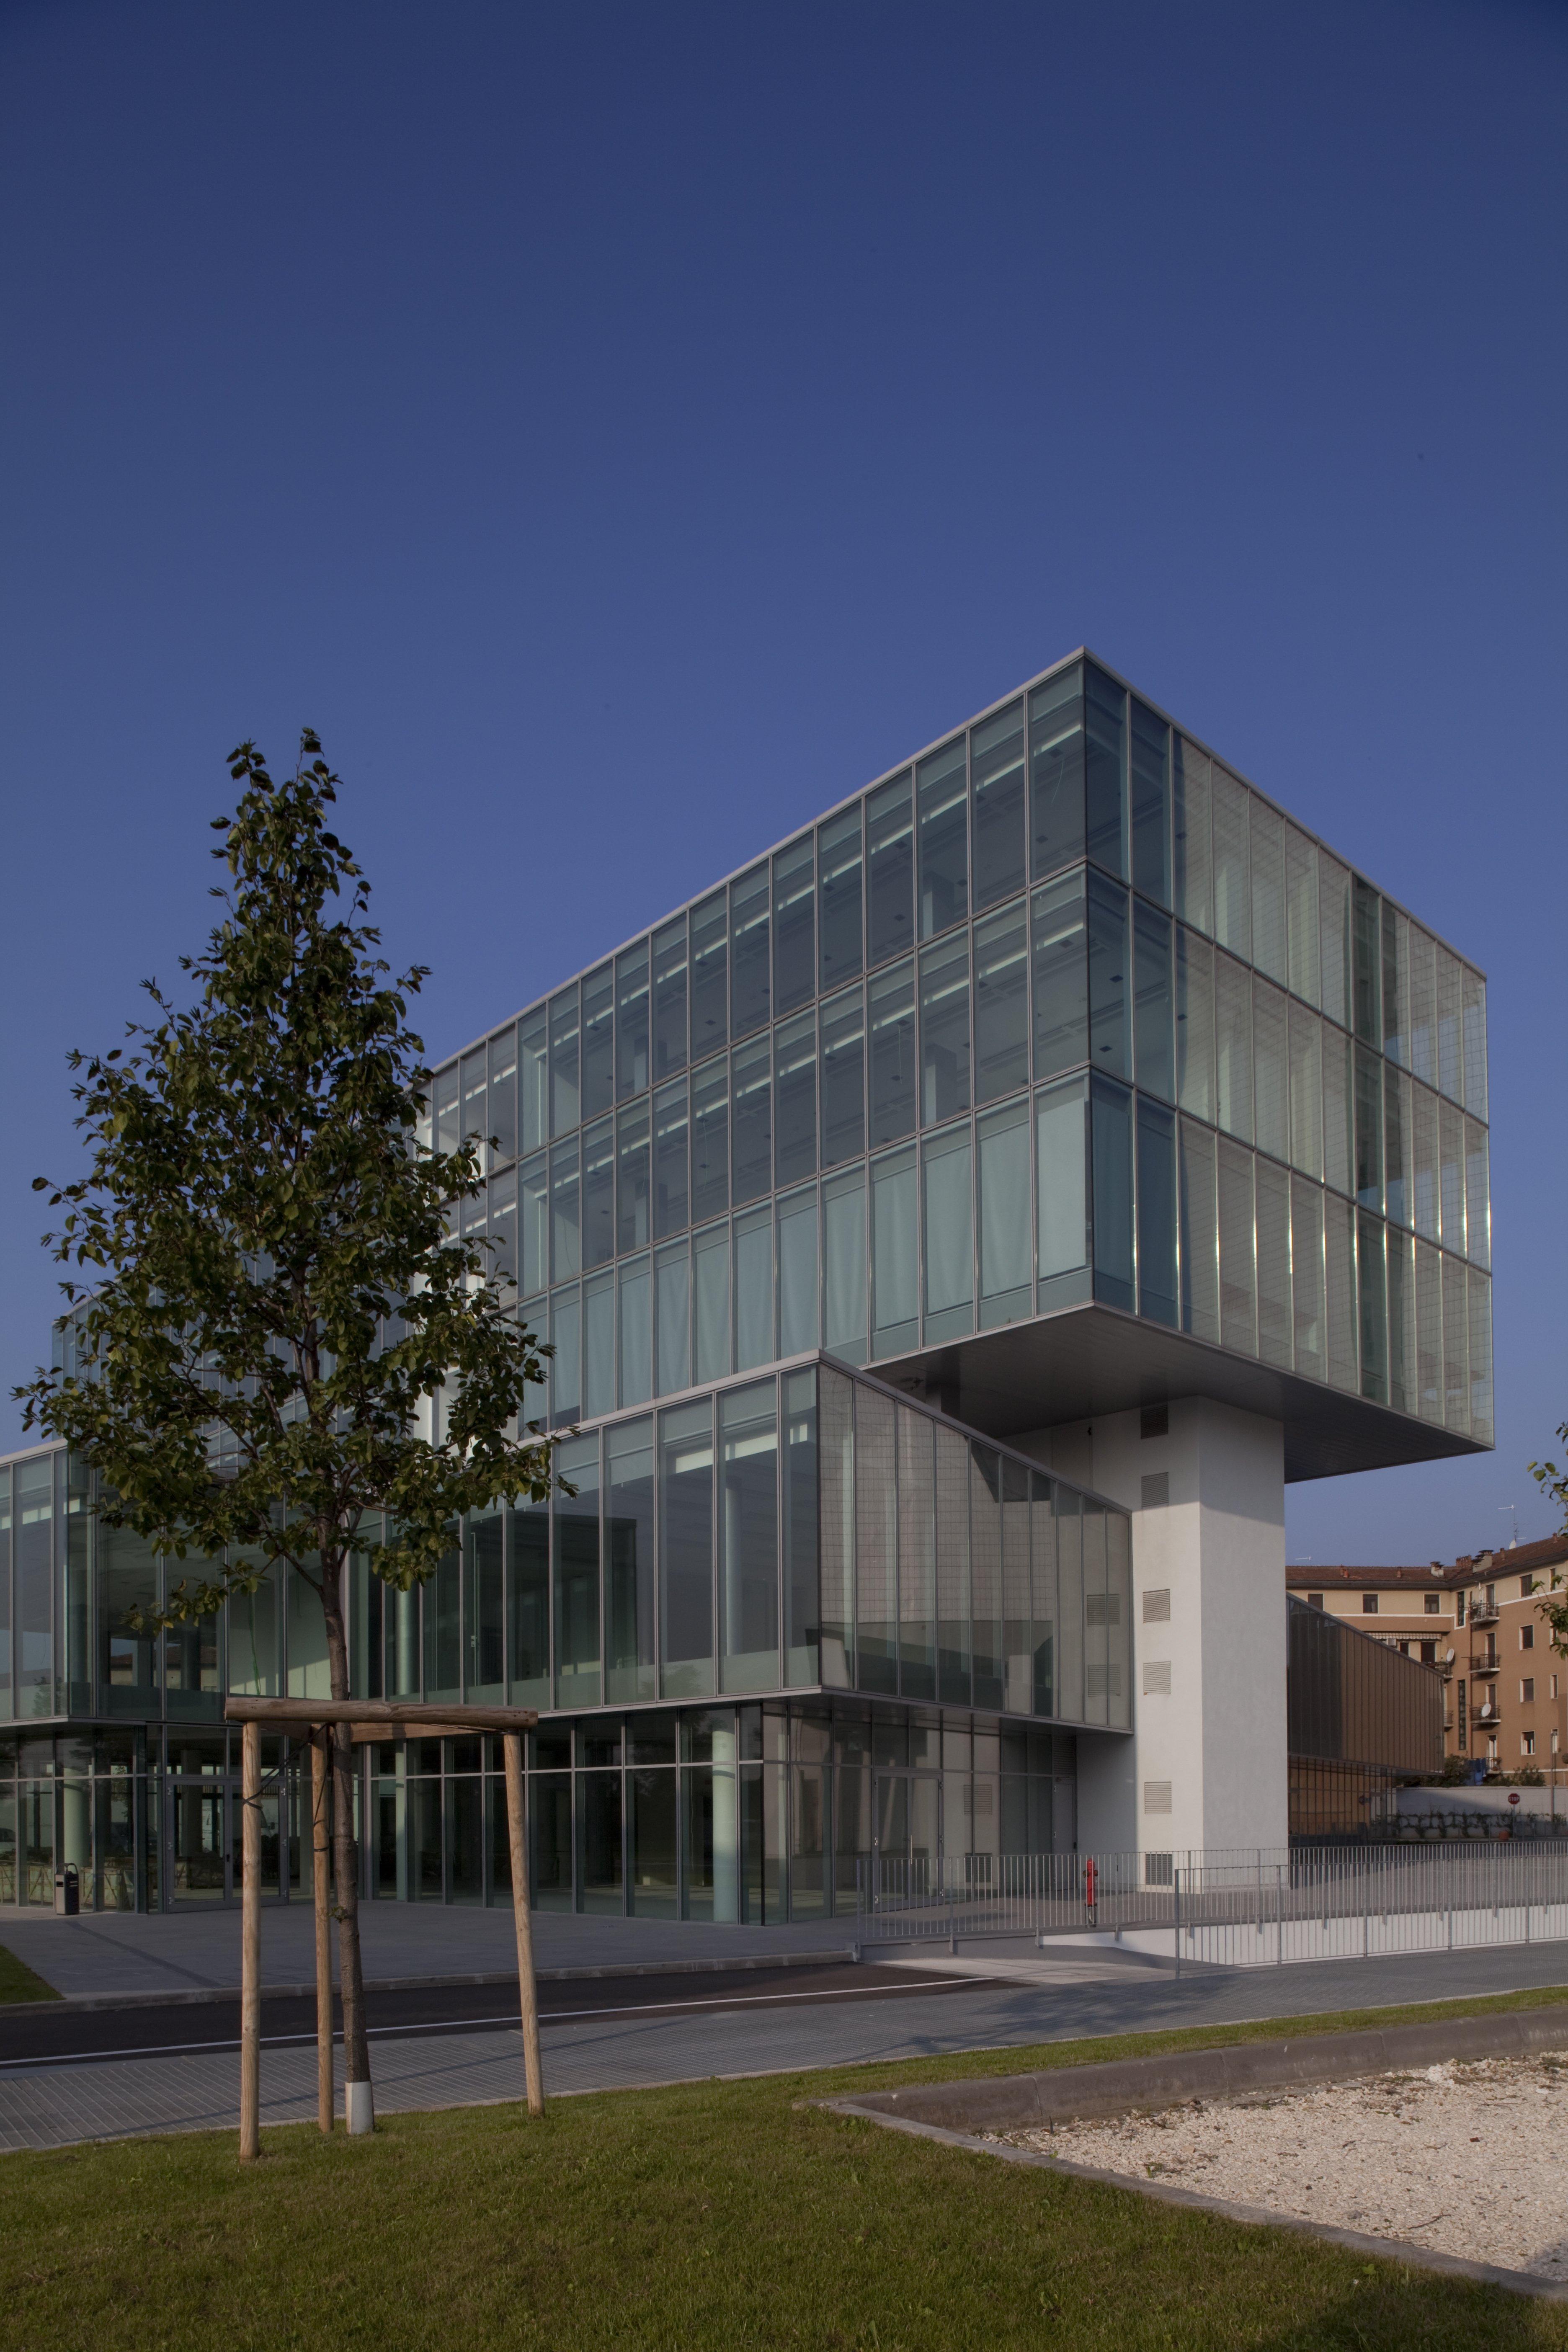 edificio sede di studio di chirurgia plastica